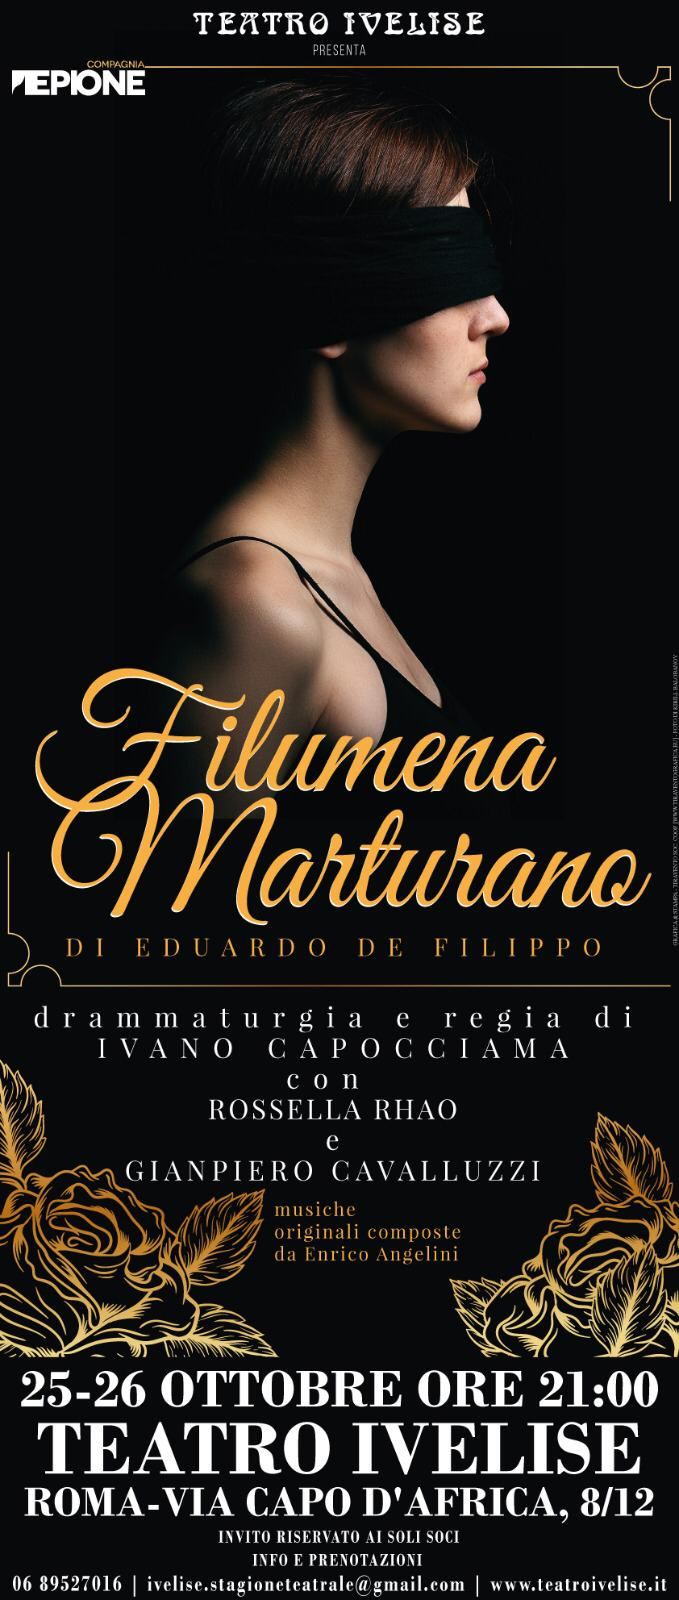 Teatro Ivelise | FILUMENA MARTURANO il 25 e 26ottobre